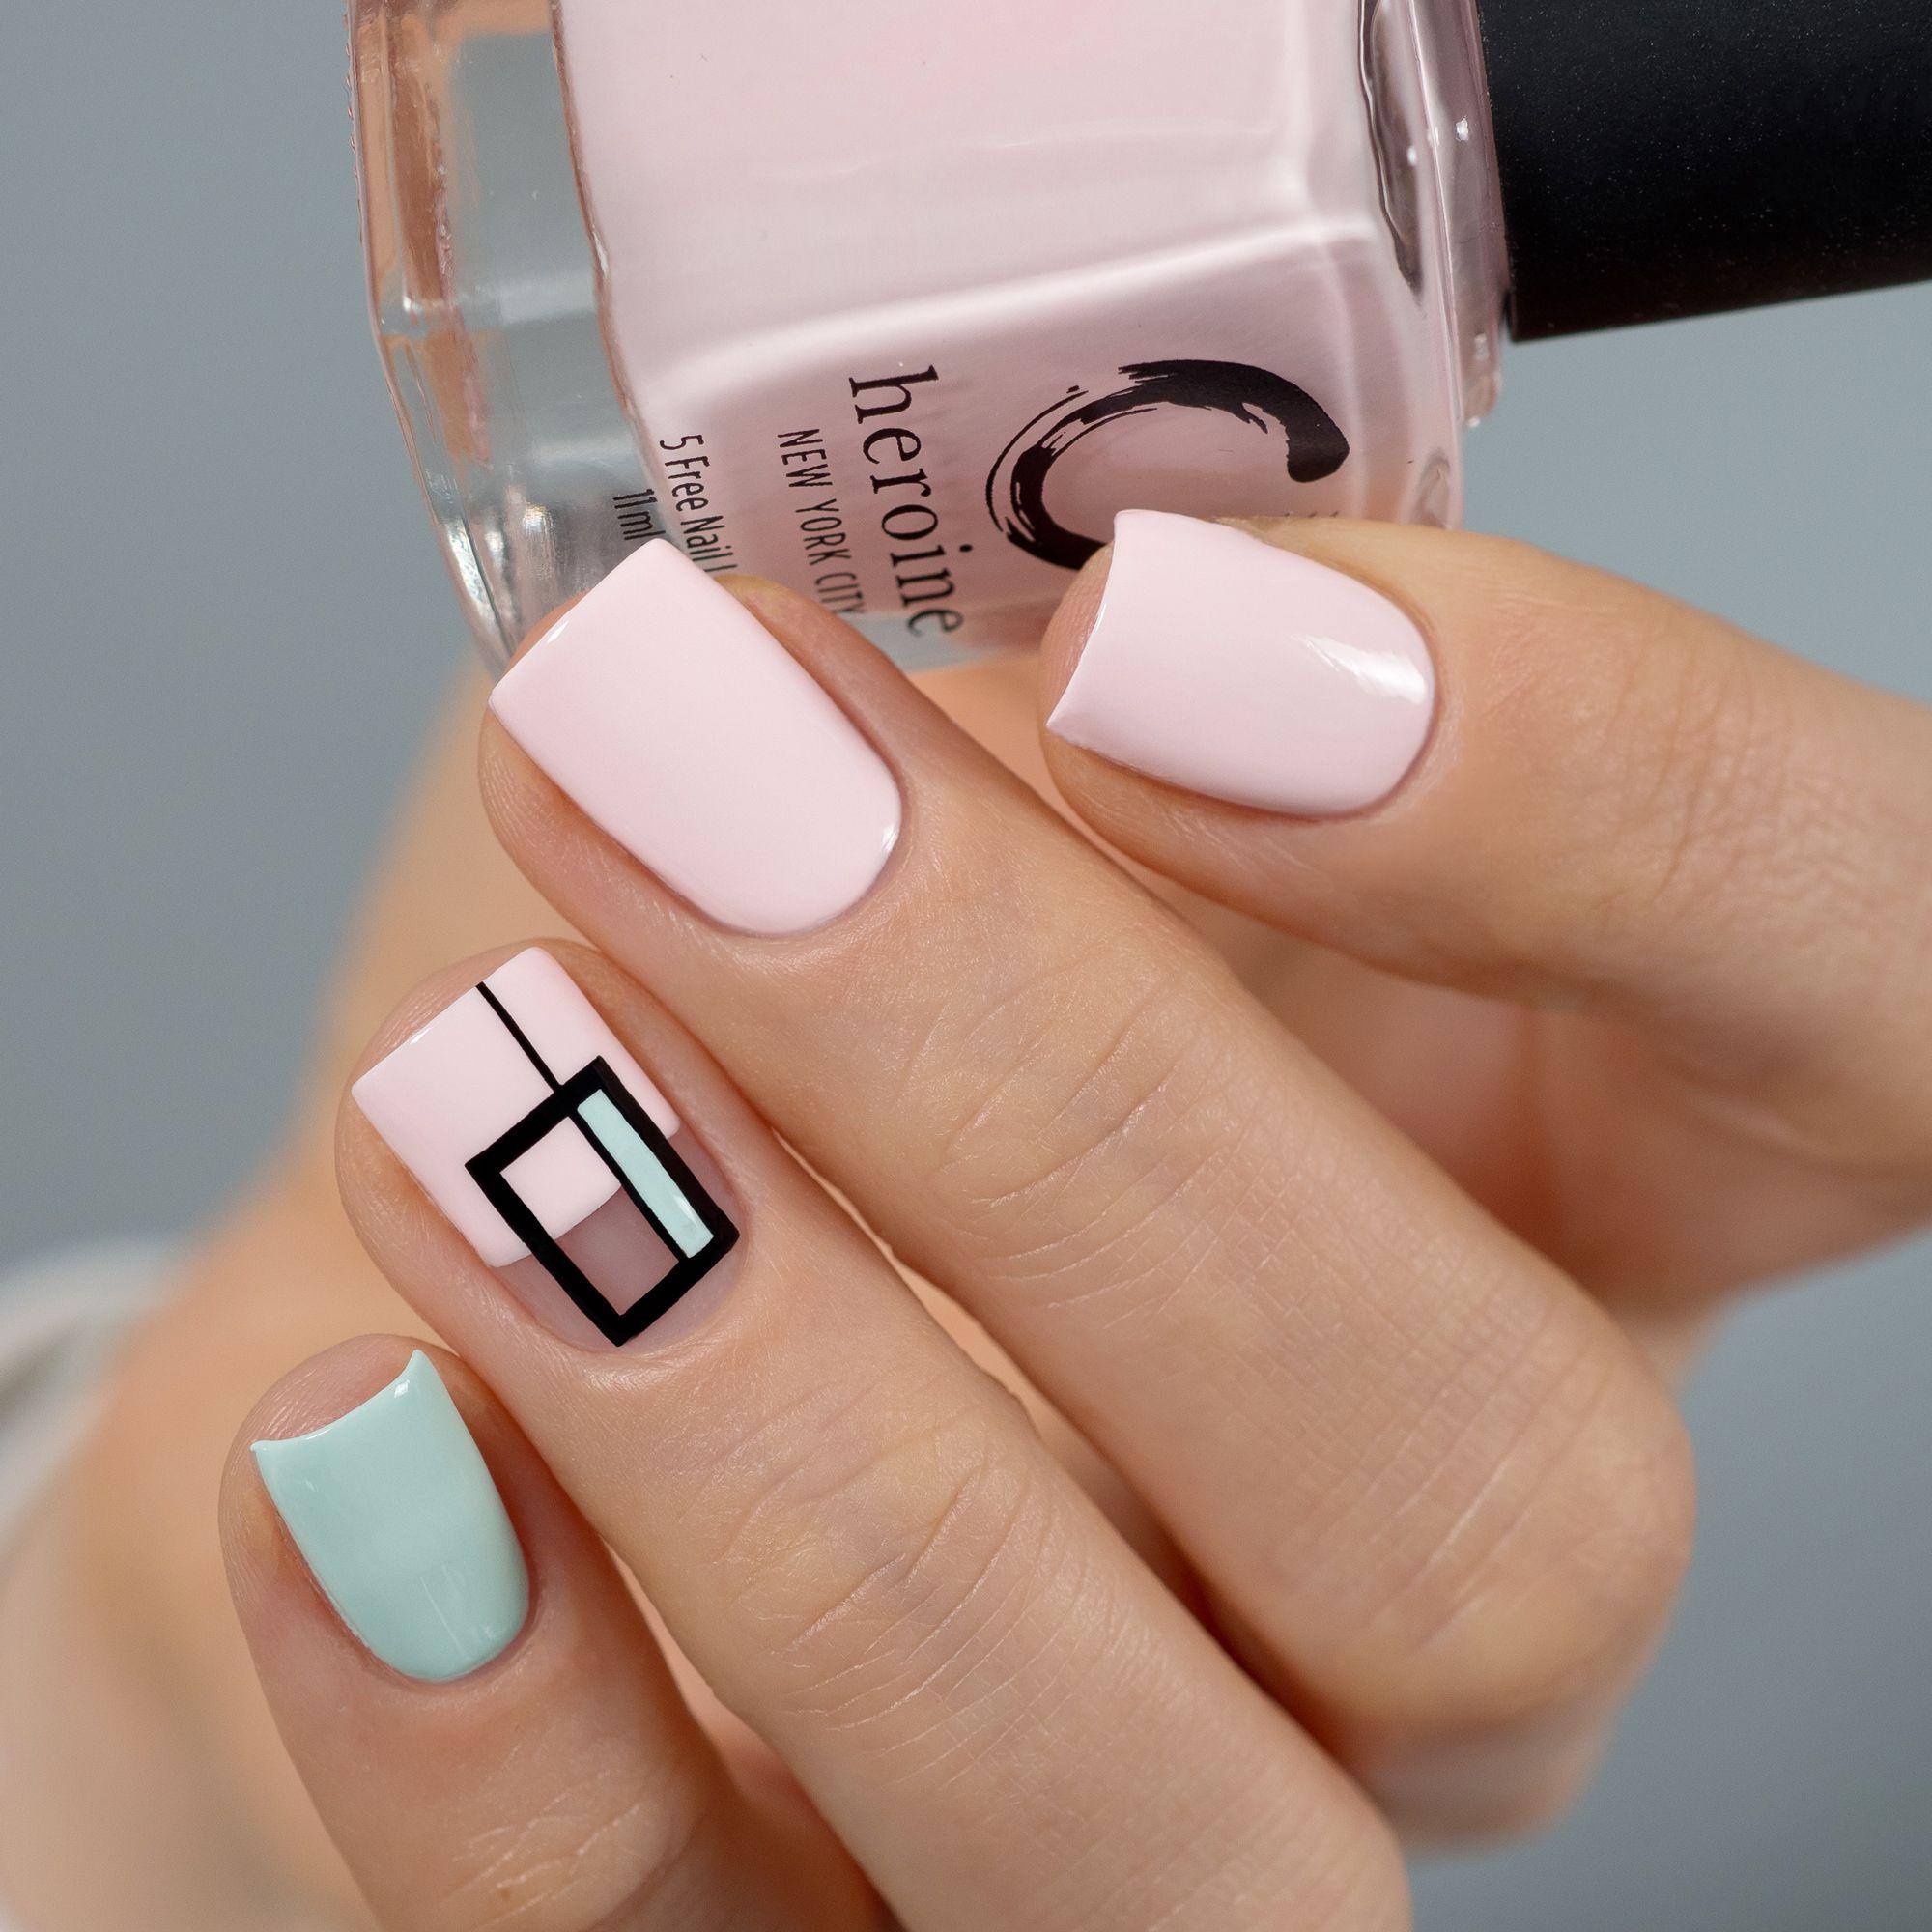 Vegan Cruelty Free Nail Art By Heroine Nyc In 2020 Cute Acrylic Nails Nail Polish Swag Nails